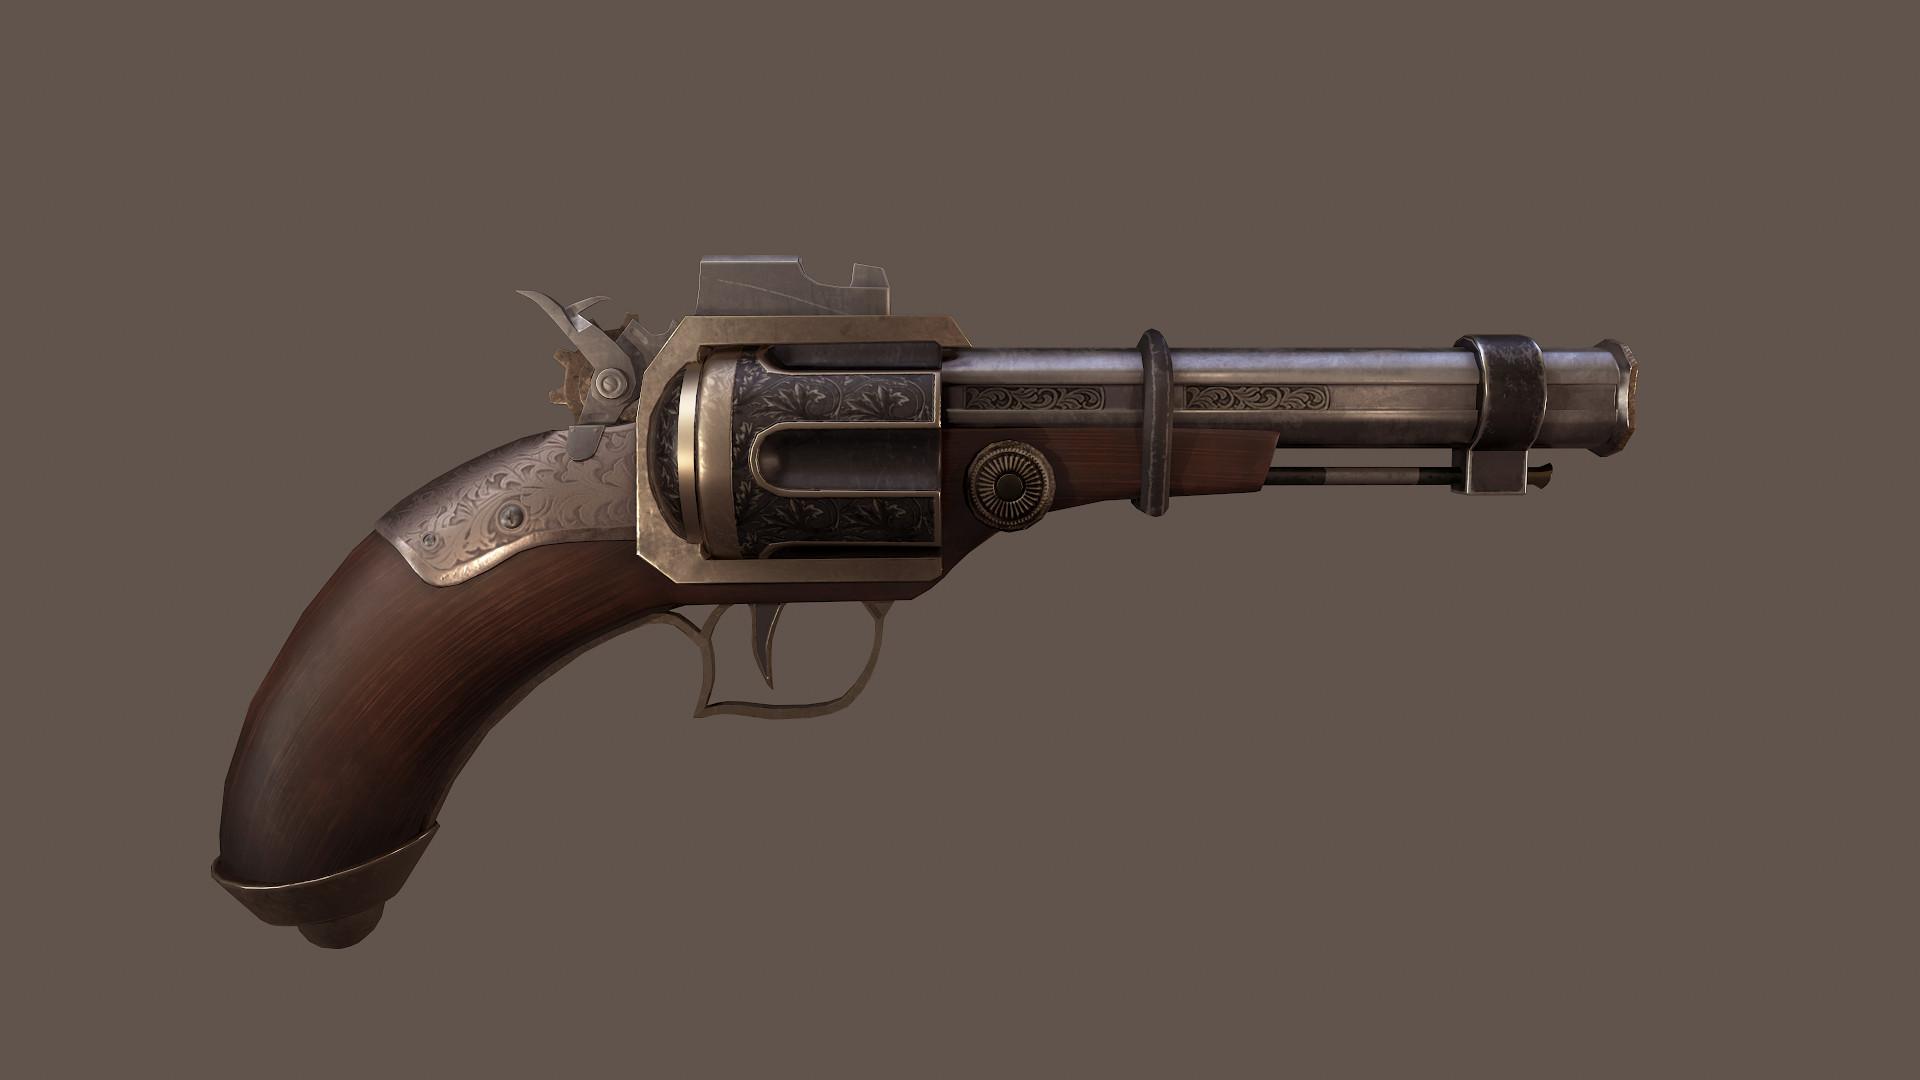 sergi-nicolas-pistol02.jpg?1526028466